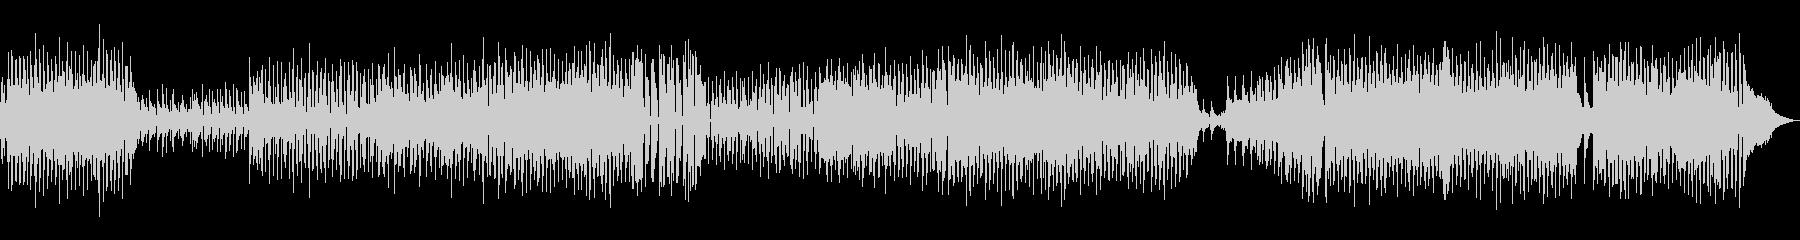 アコースティックバンド明るいポップBGMの未再生の波形